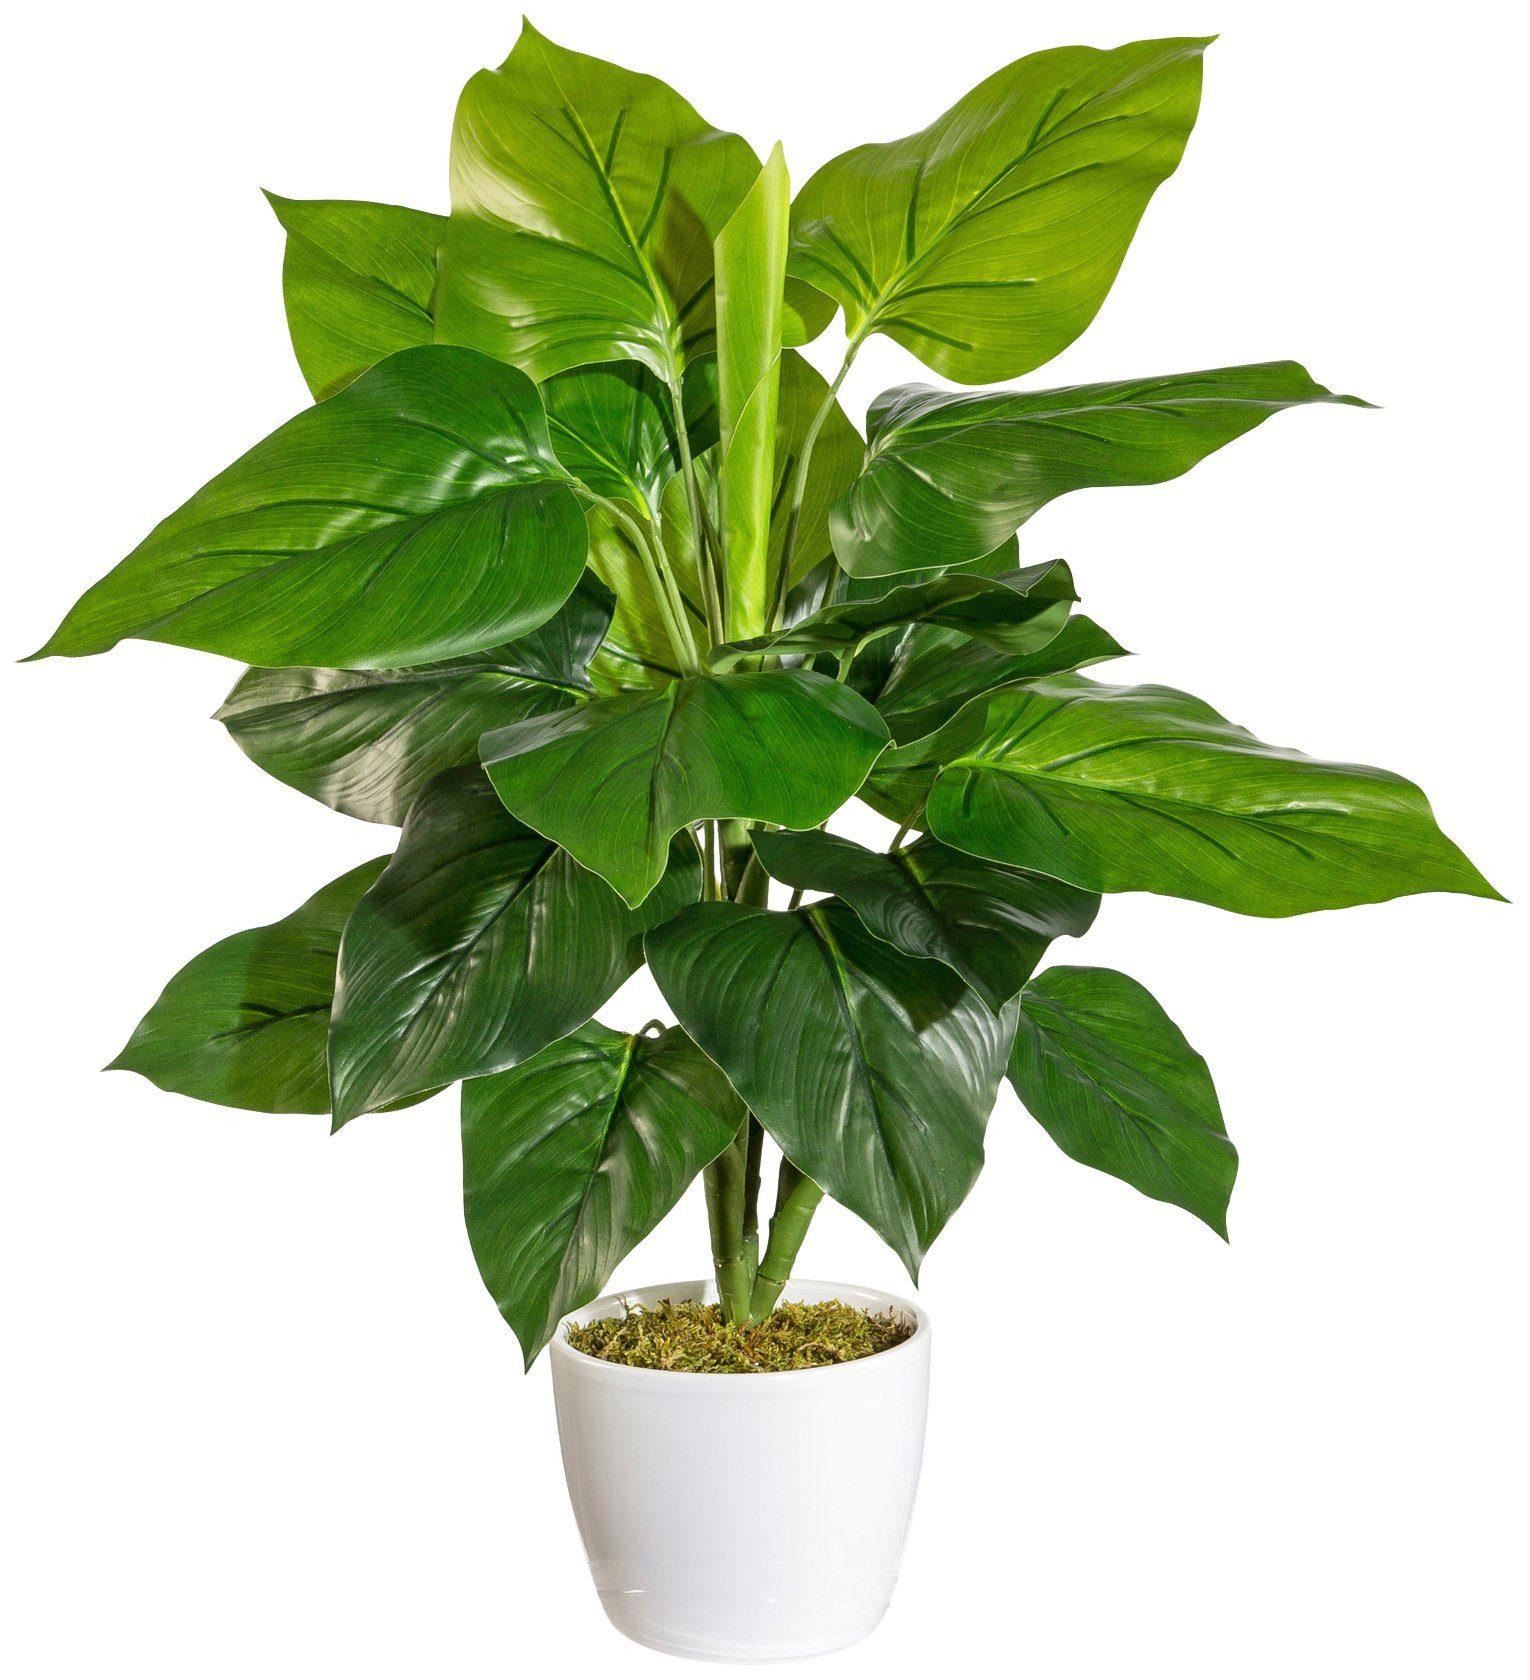 Kunstpflanze »Philodendronbusch«, im Keramiktopf mit Moos, Höhe 50 cm